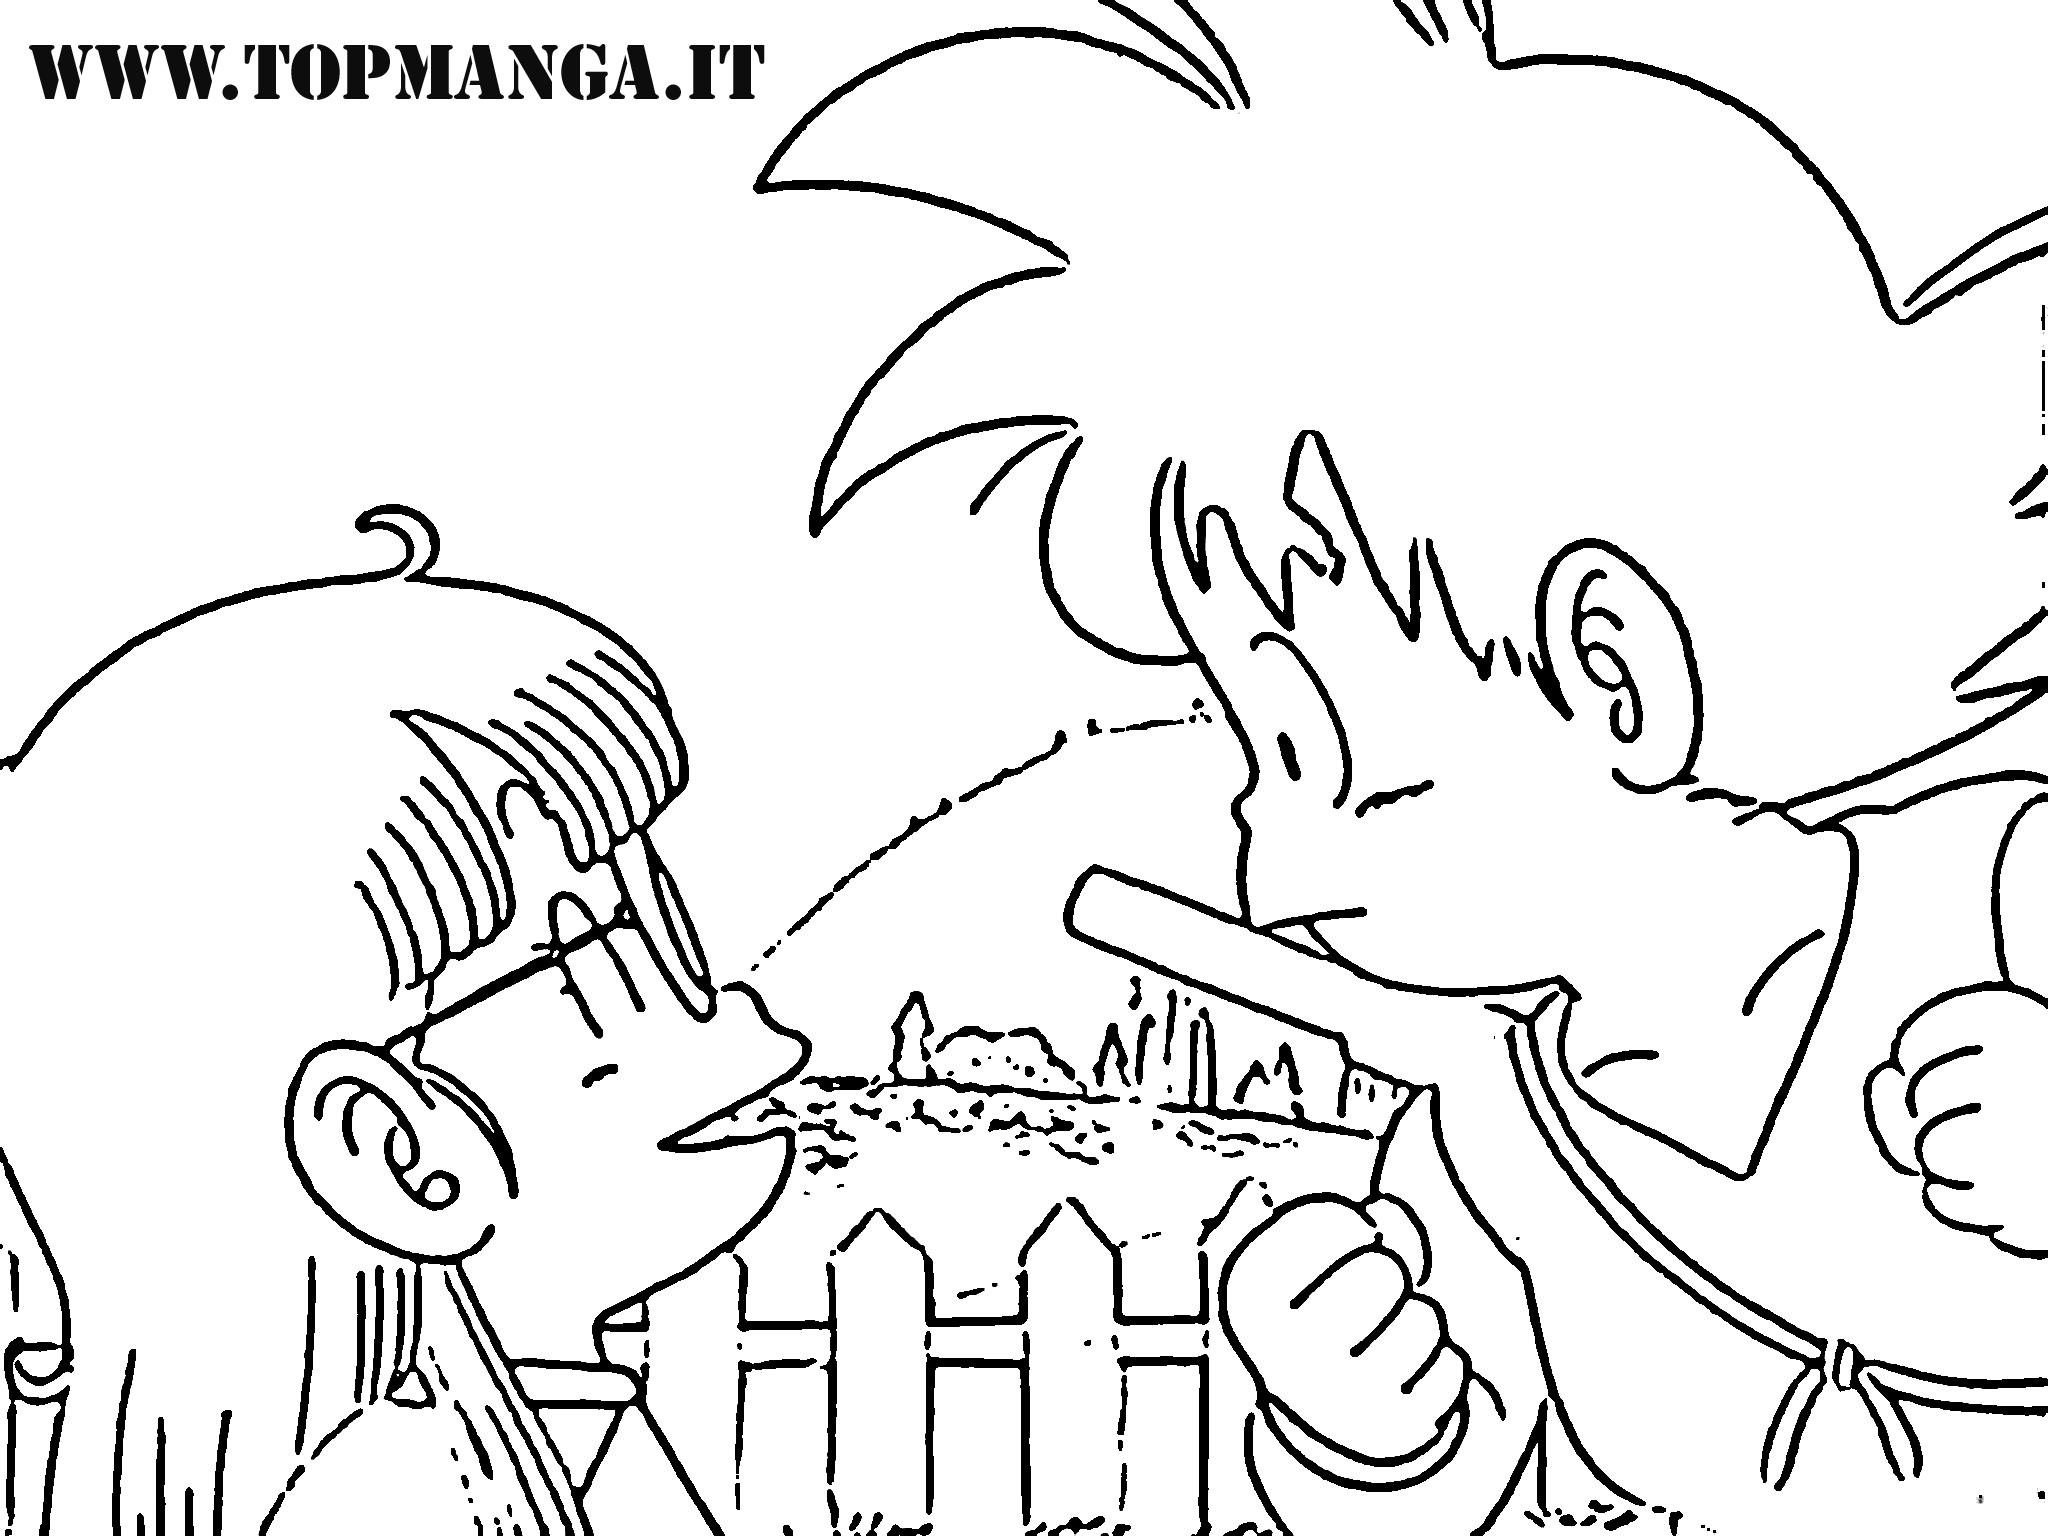 Immagini da colorare di arale anime e manga topmanga for Sito per disegnare